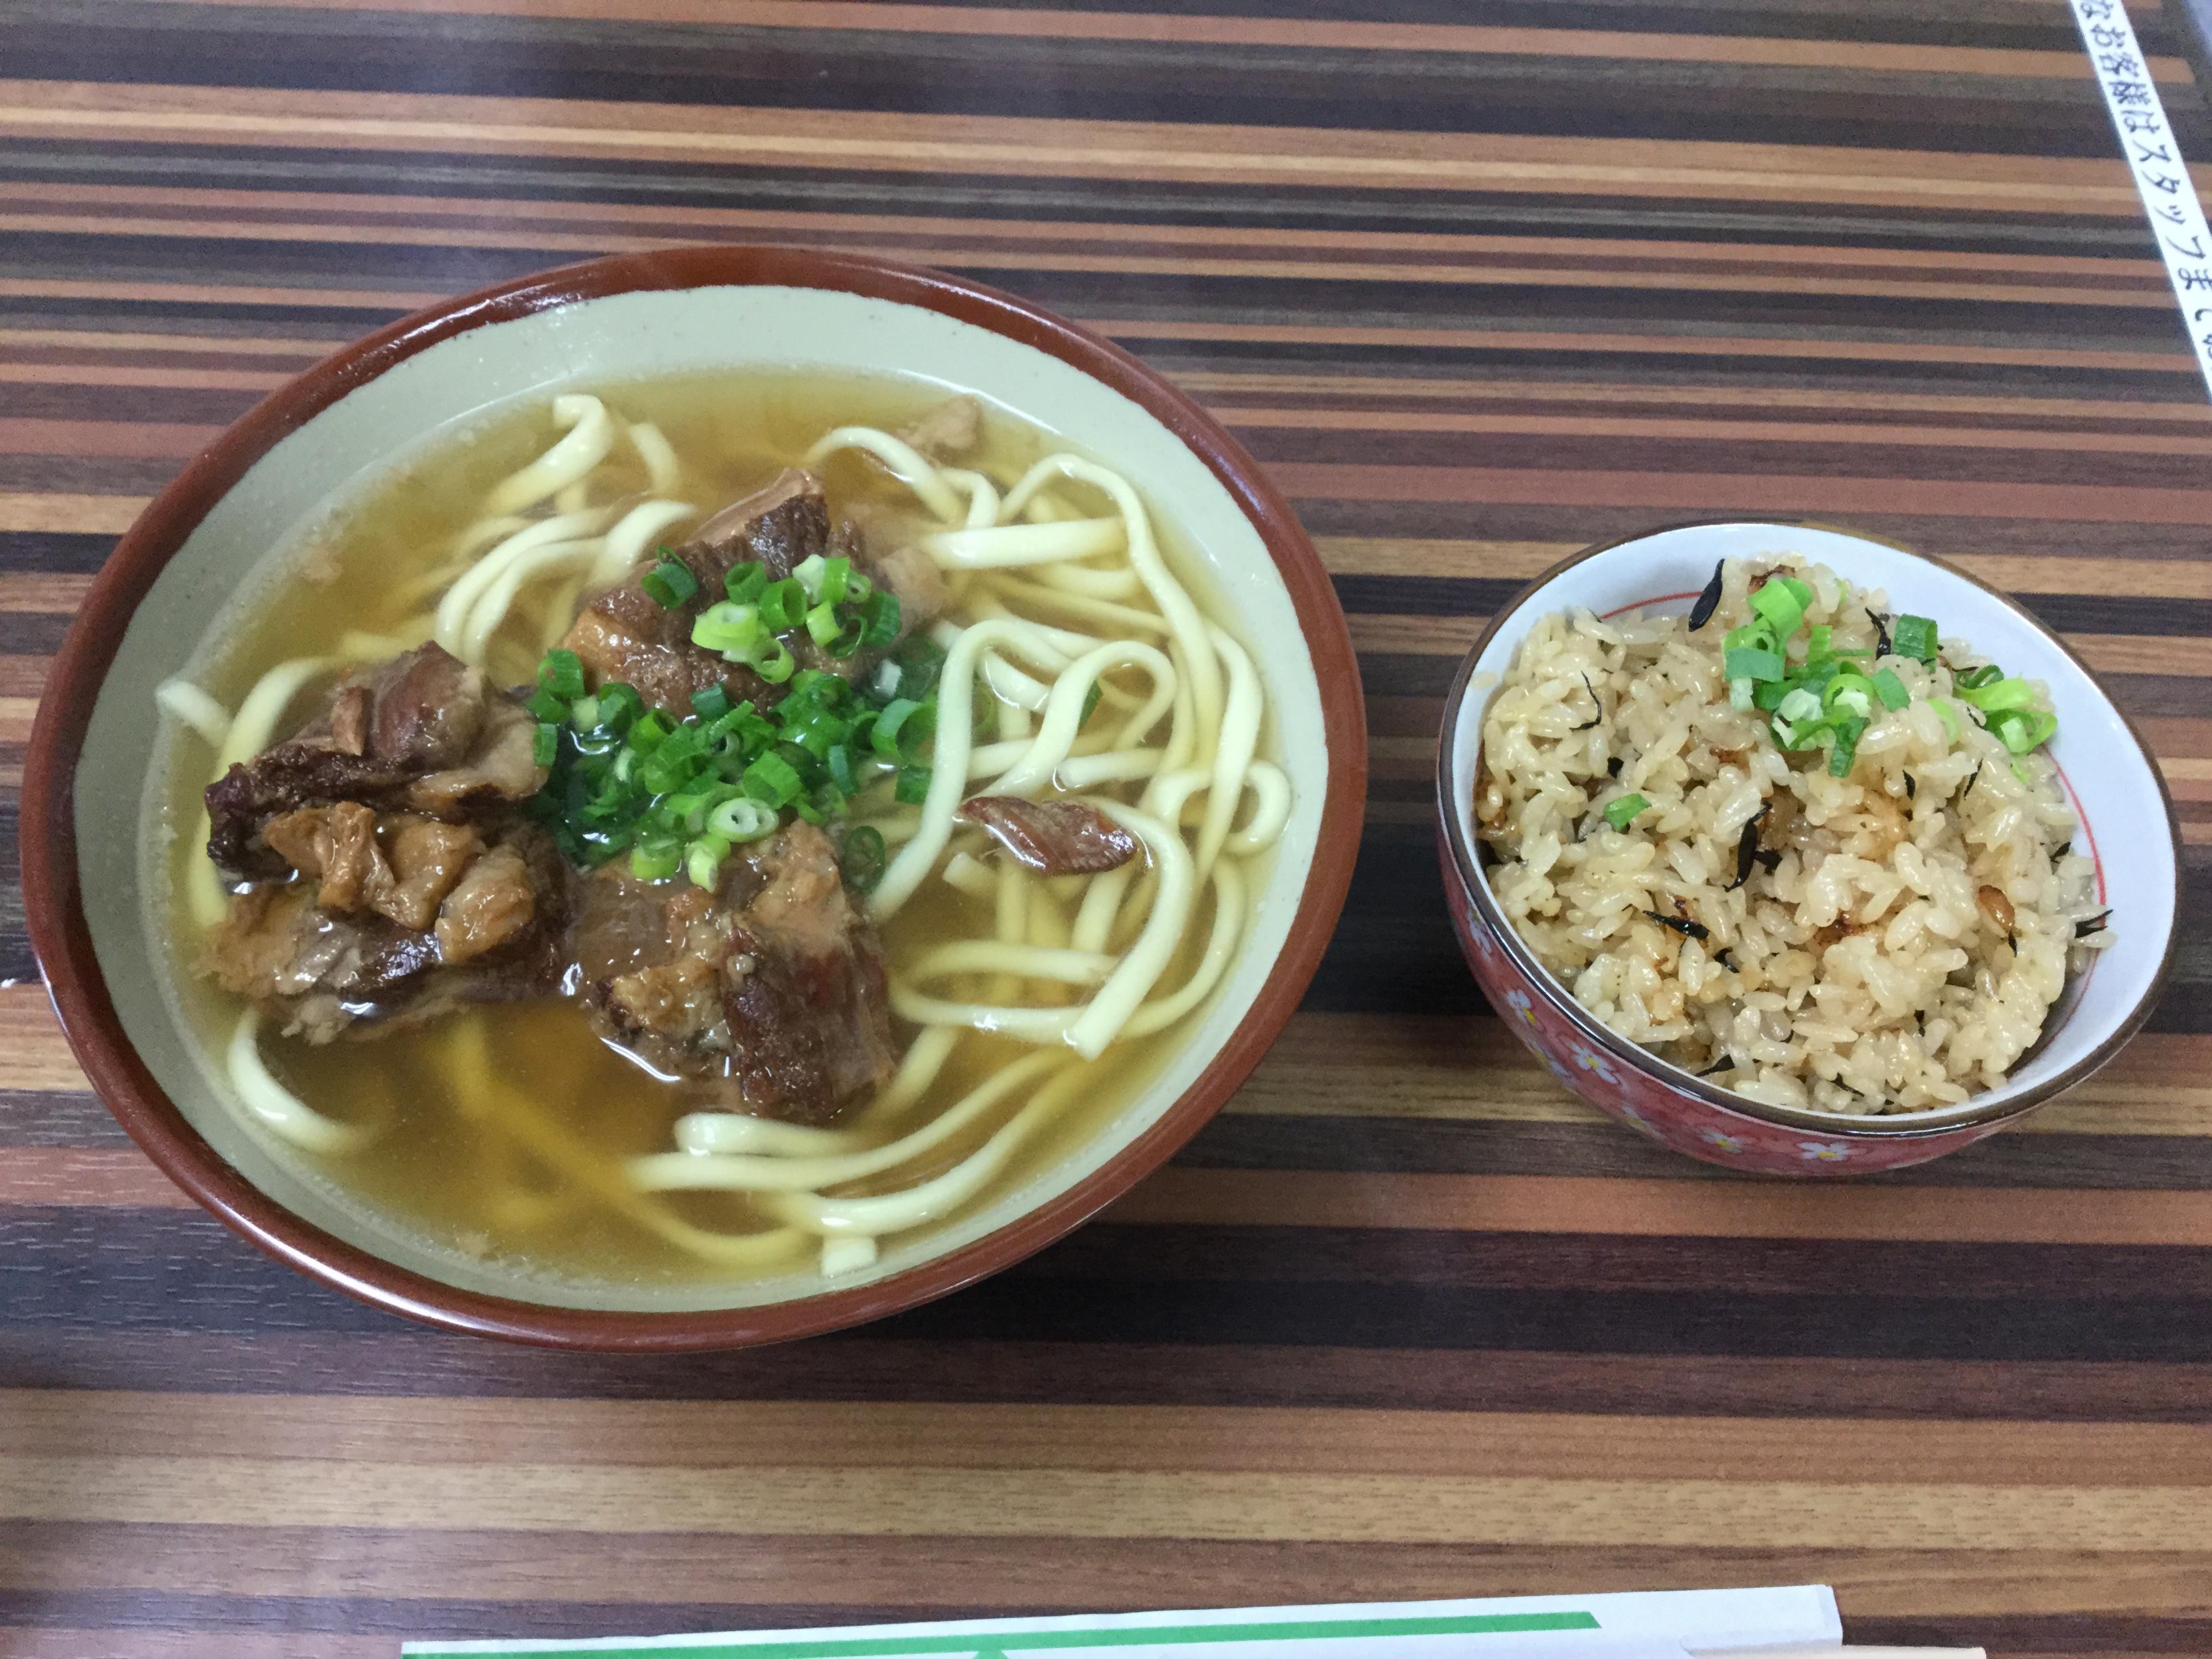 沖縄・宜野湾市「ちゅるげーそば」で沖縄そばを食べた